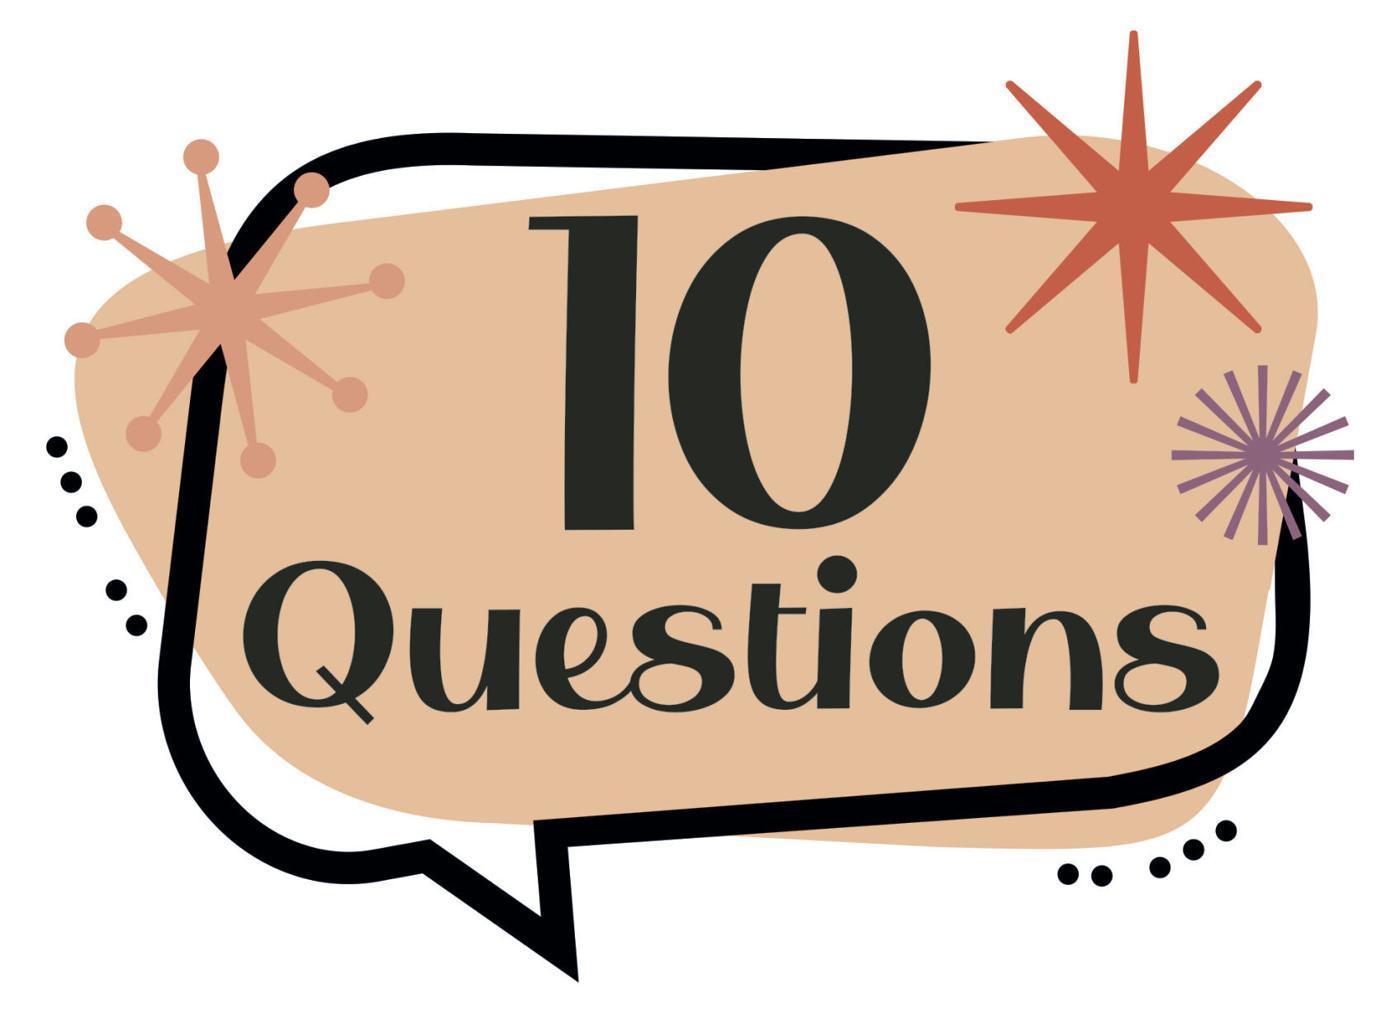 10 questions logo